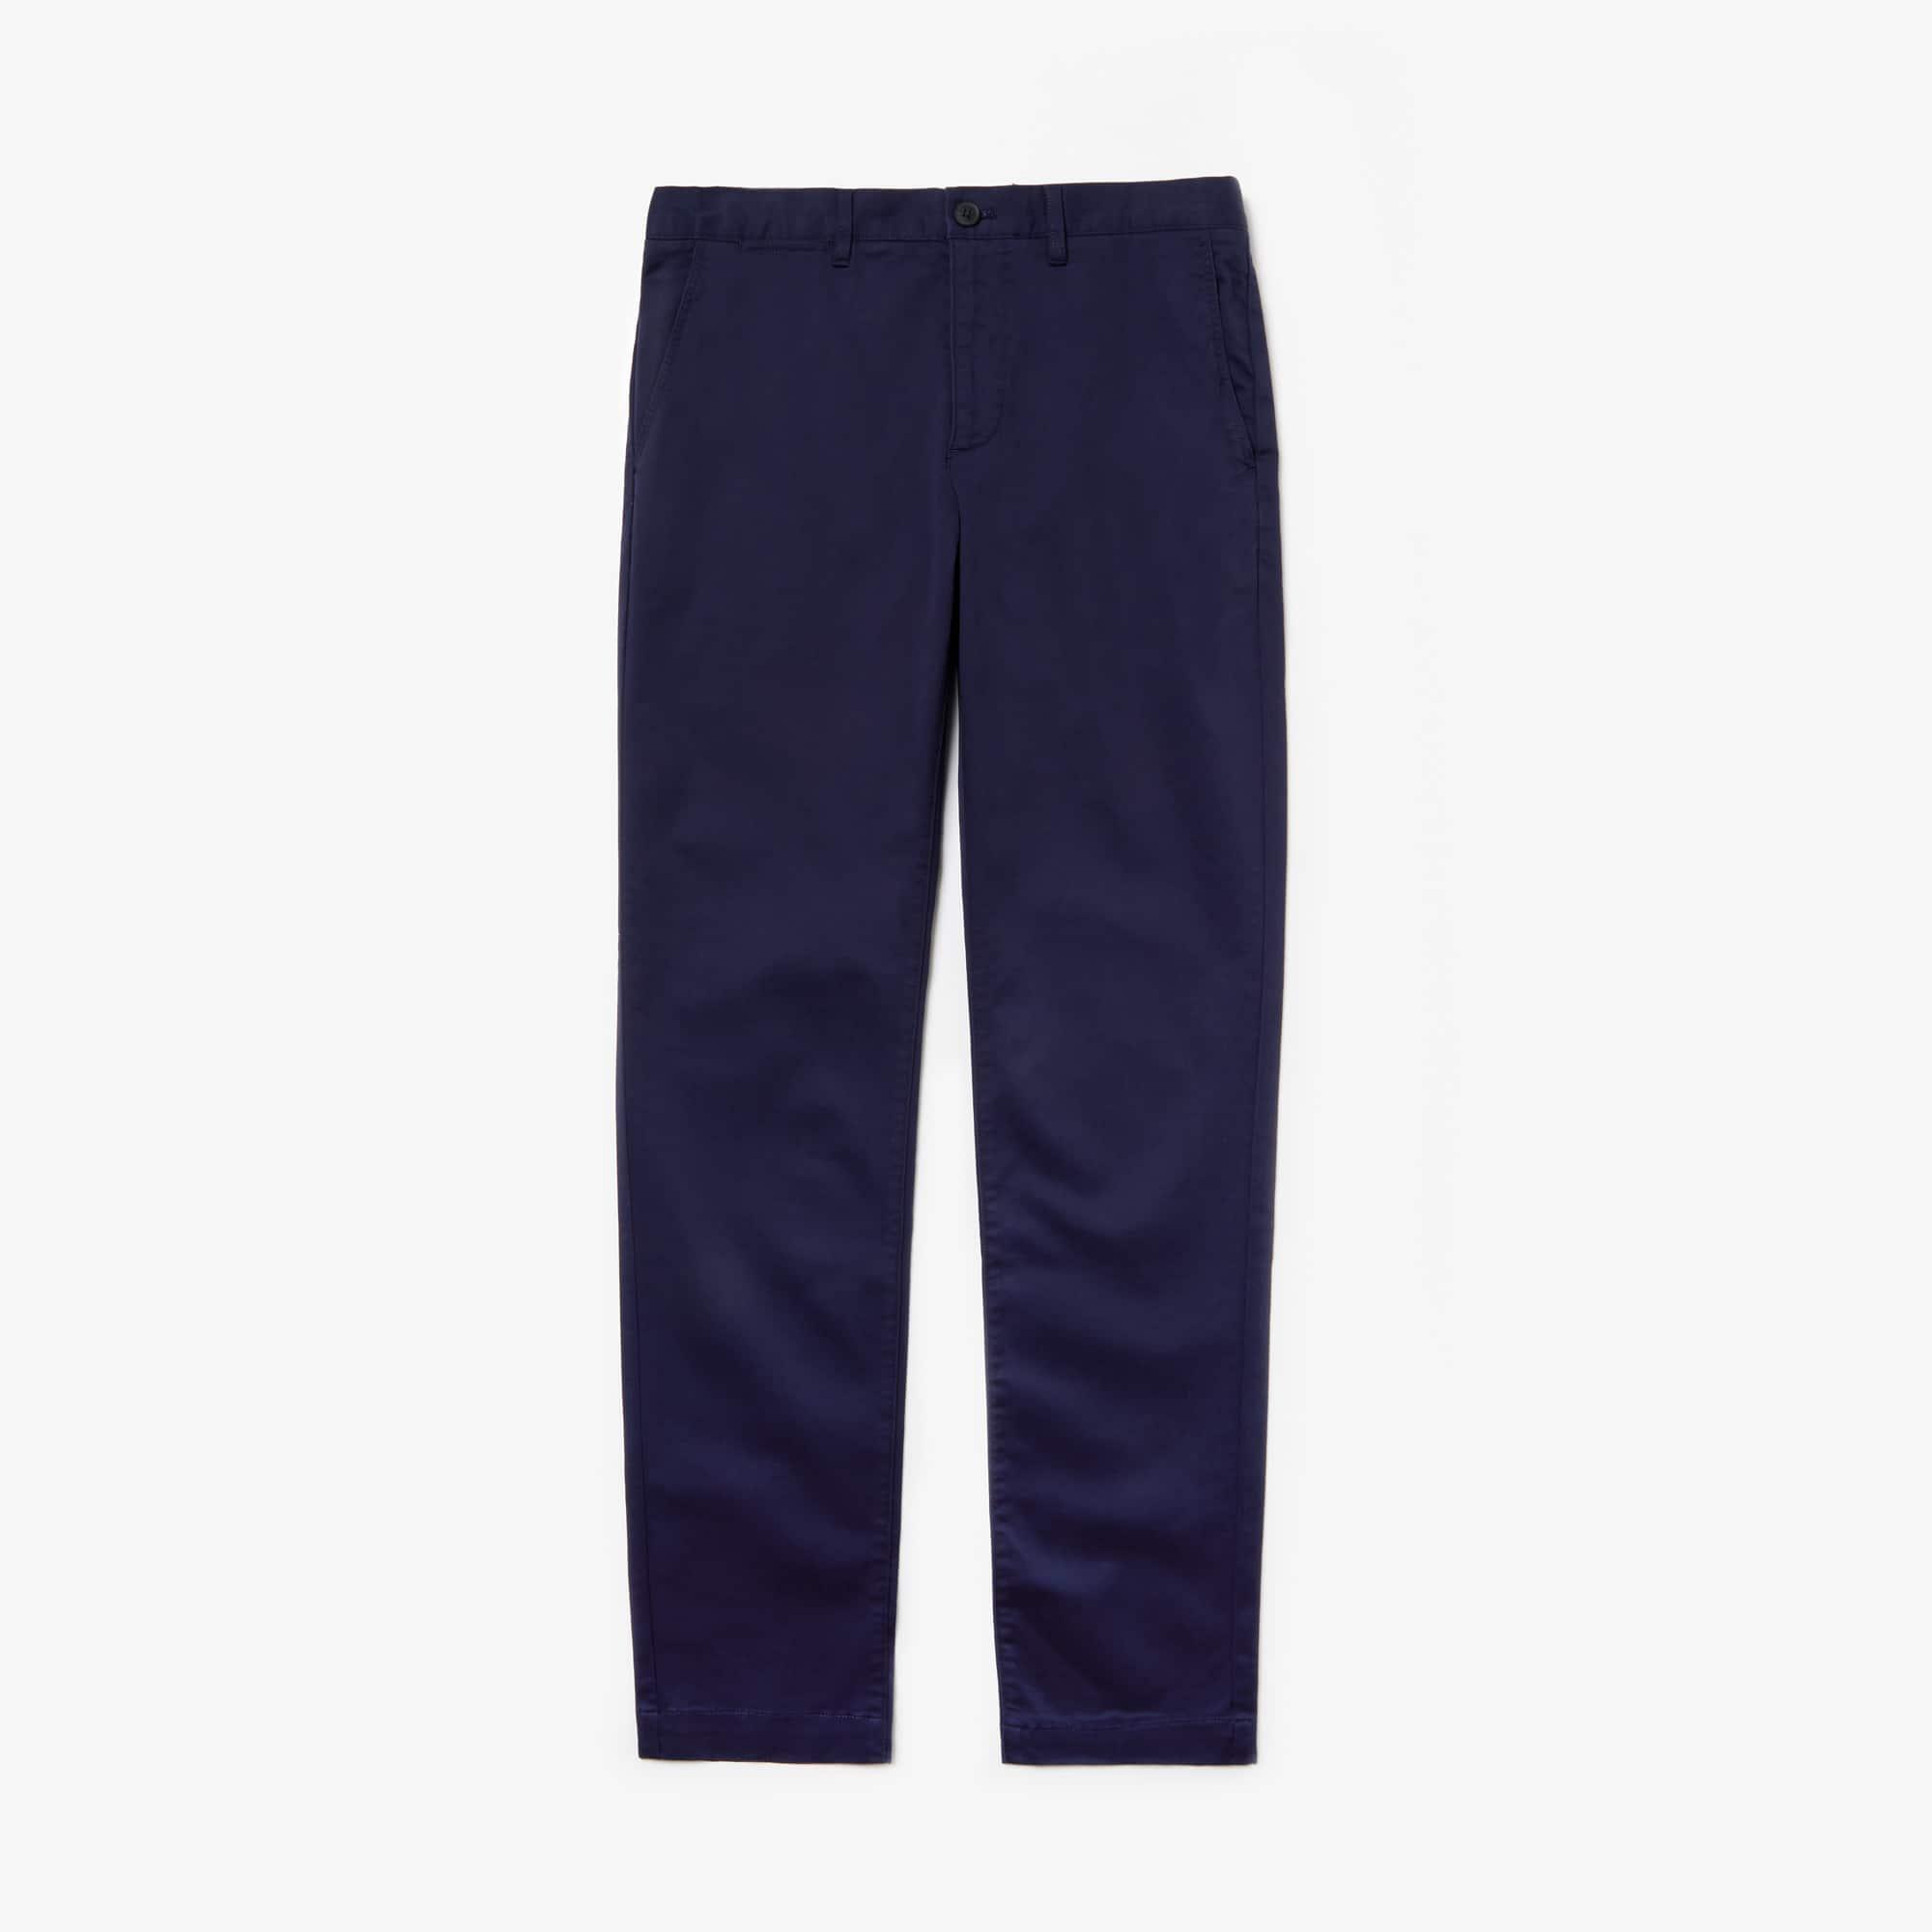 라코스테 Lacoste Mens Regular Fit Cotton Gabardine Chino Pants,navy blue